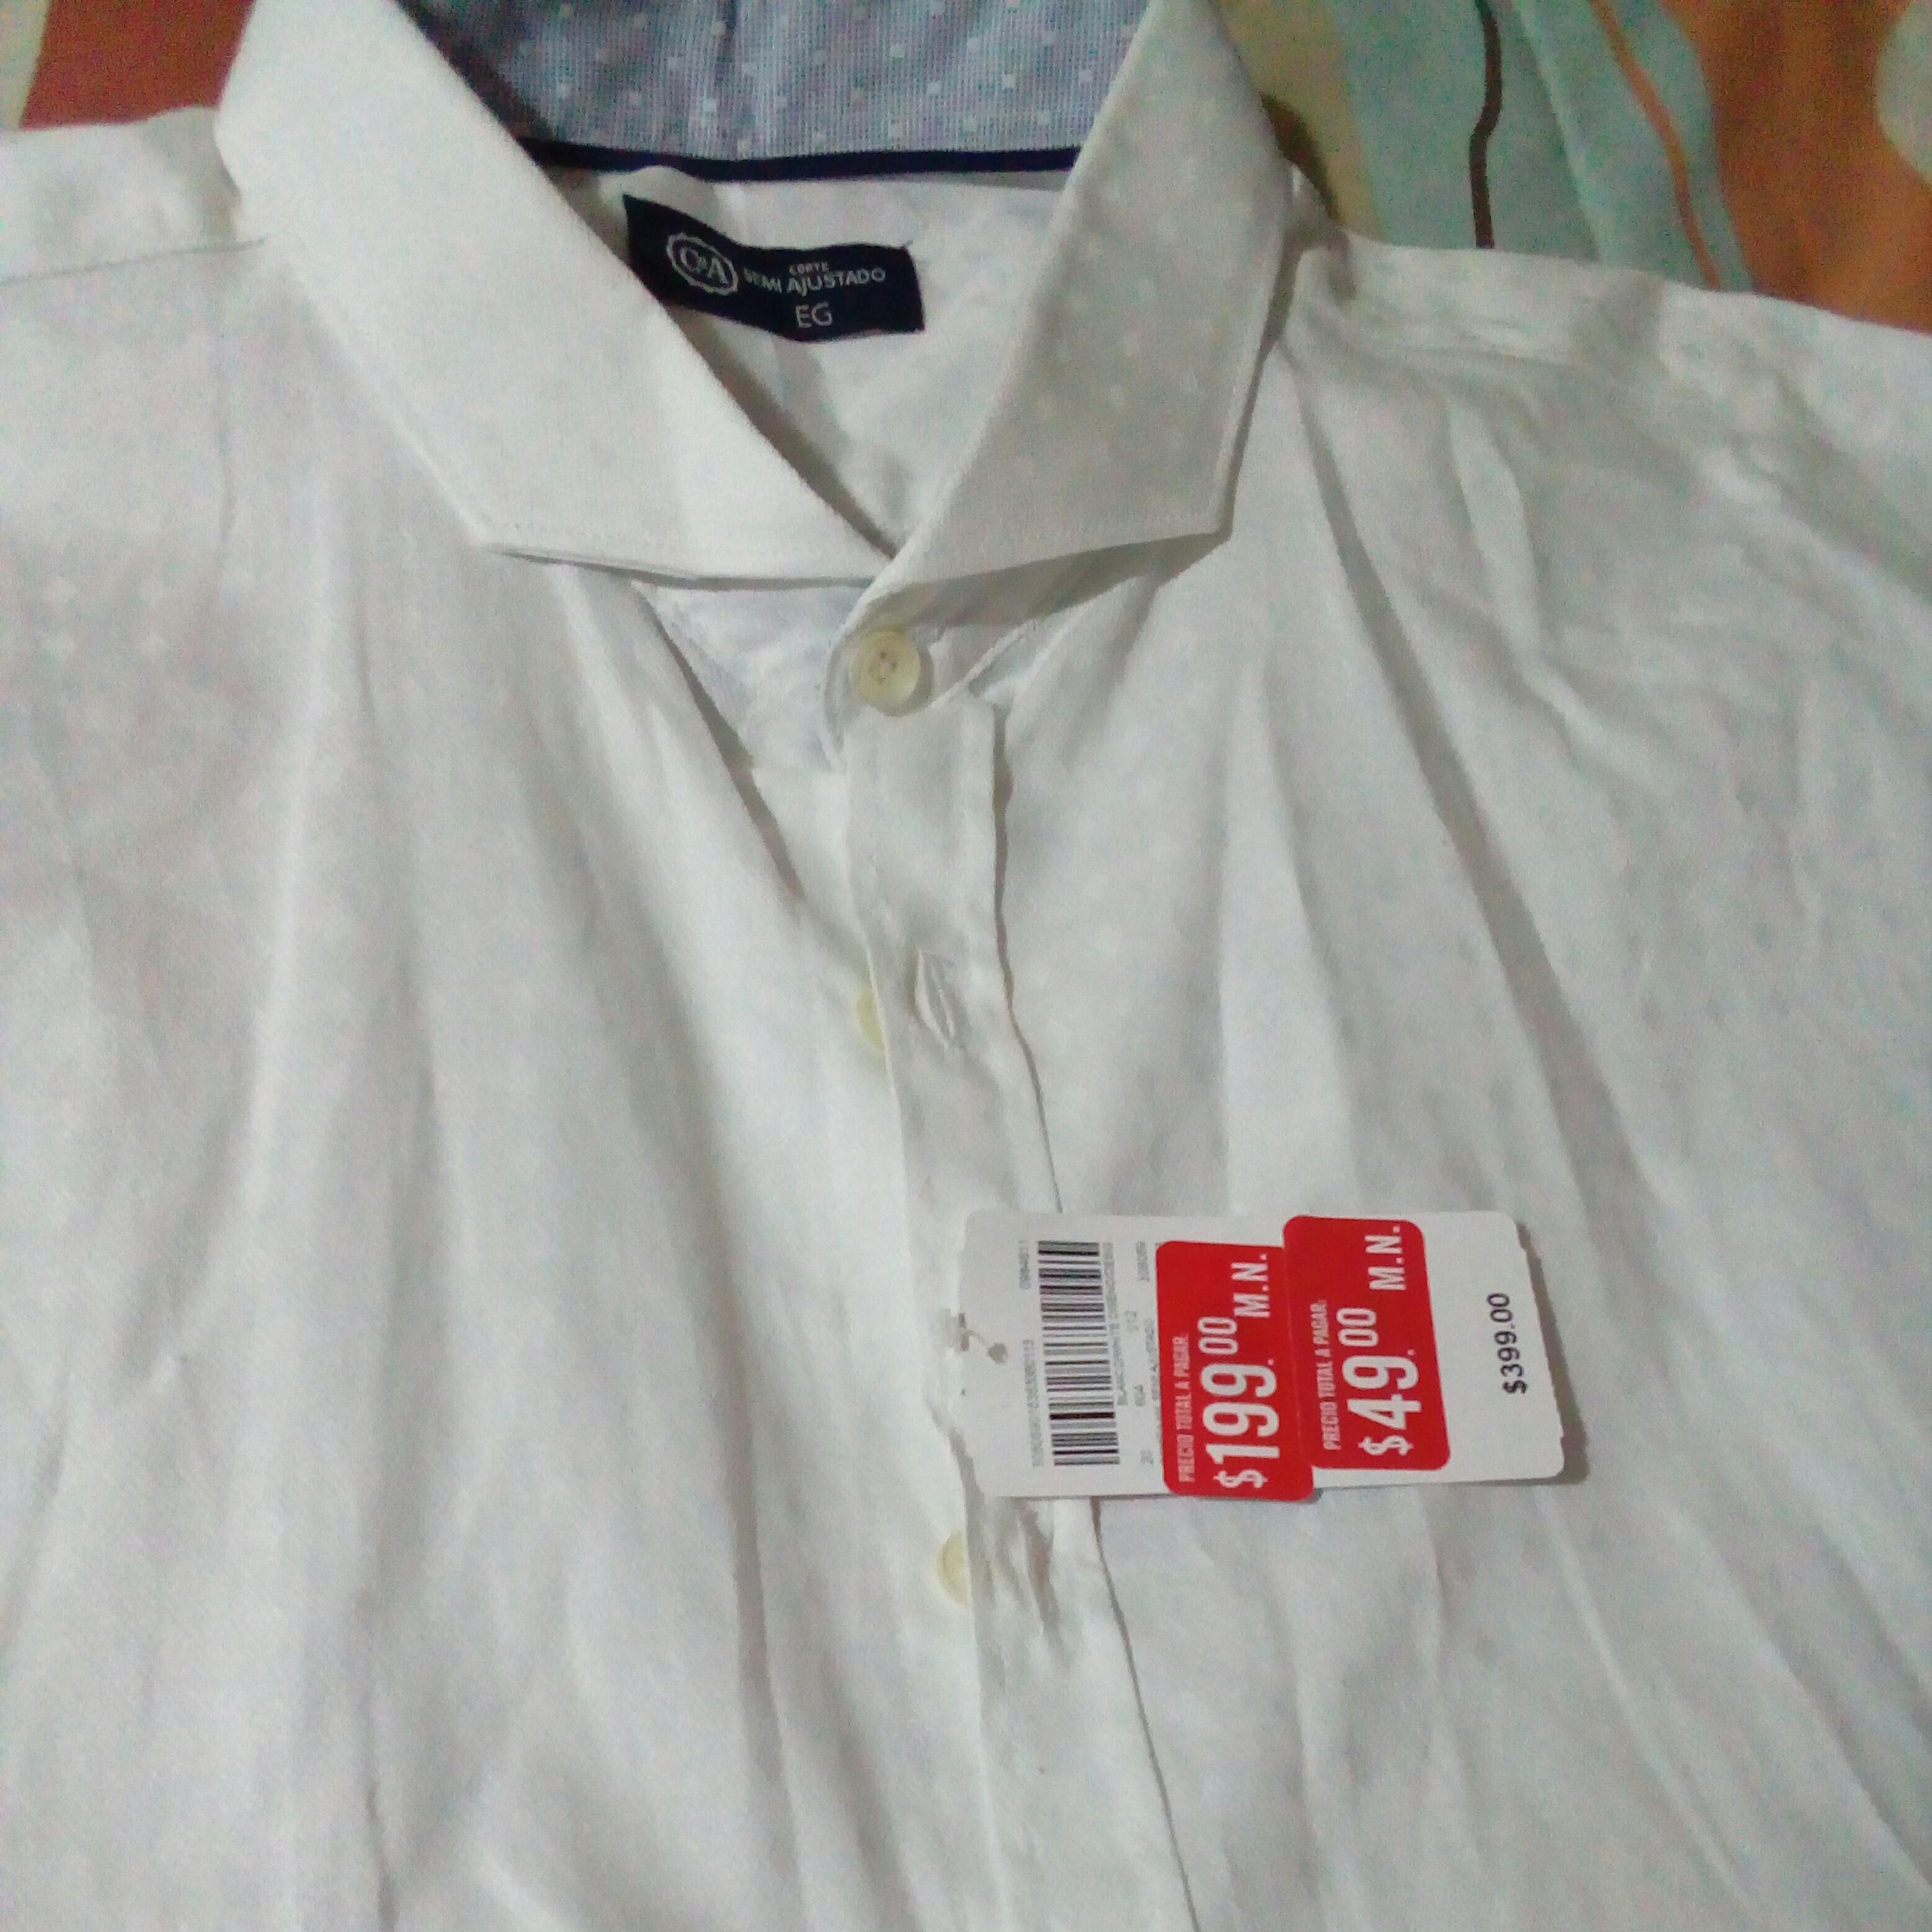 C&A: Camisas de vestir a $49 ultima liquidacion